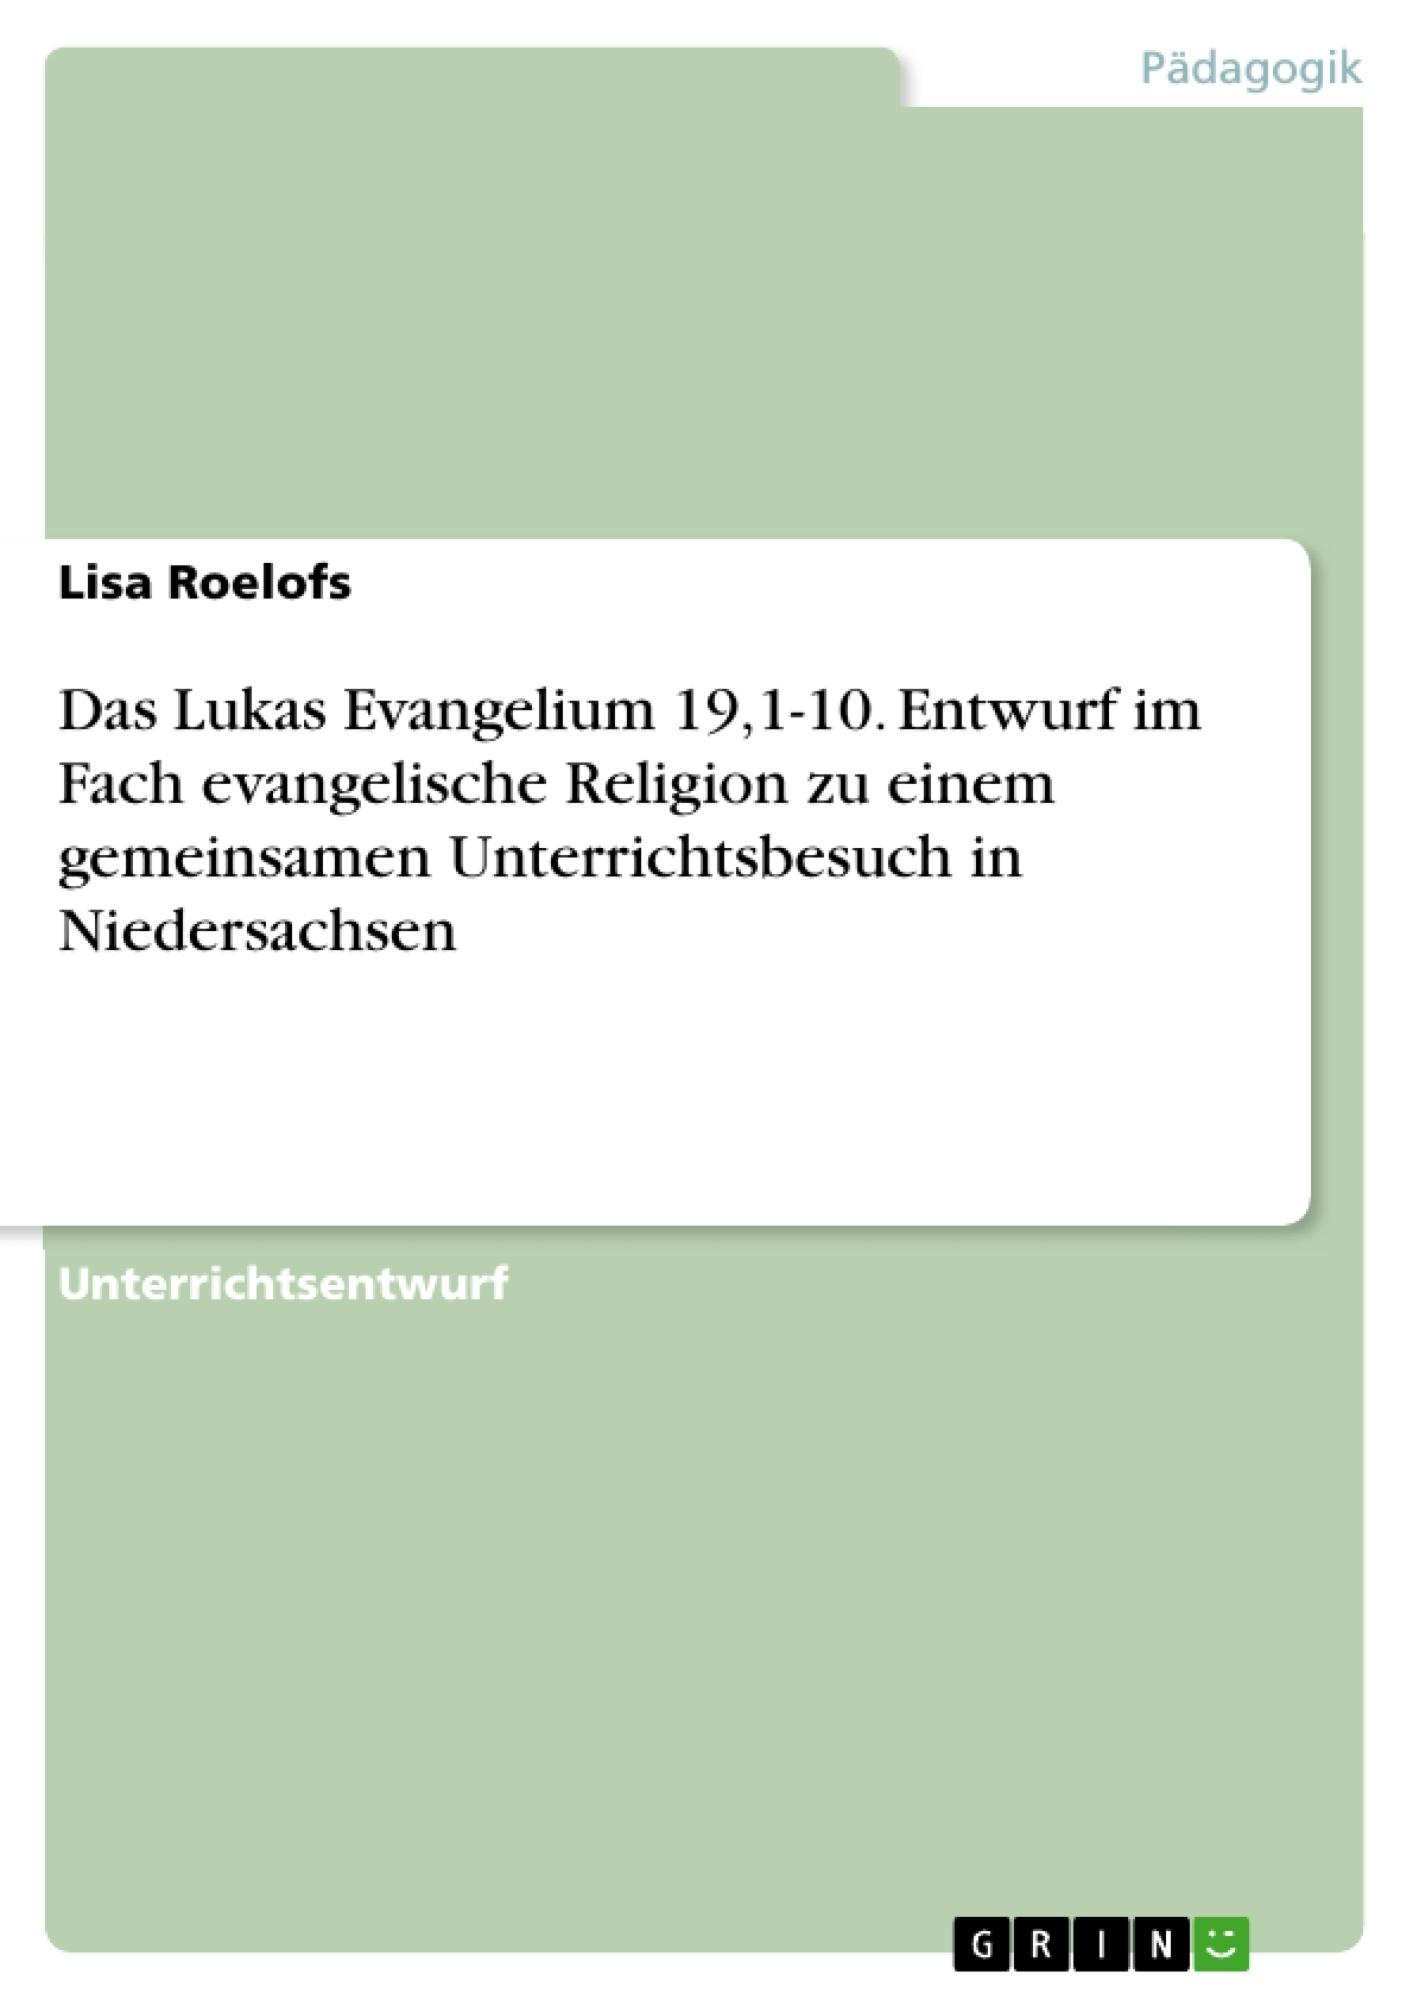 Titel: Das Lukas Evangelium 19,1-10. Entwurf im Fach evangelische Religion zu einem gemeinsamen Unterrichtsbesuch in Niedersachsen